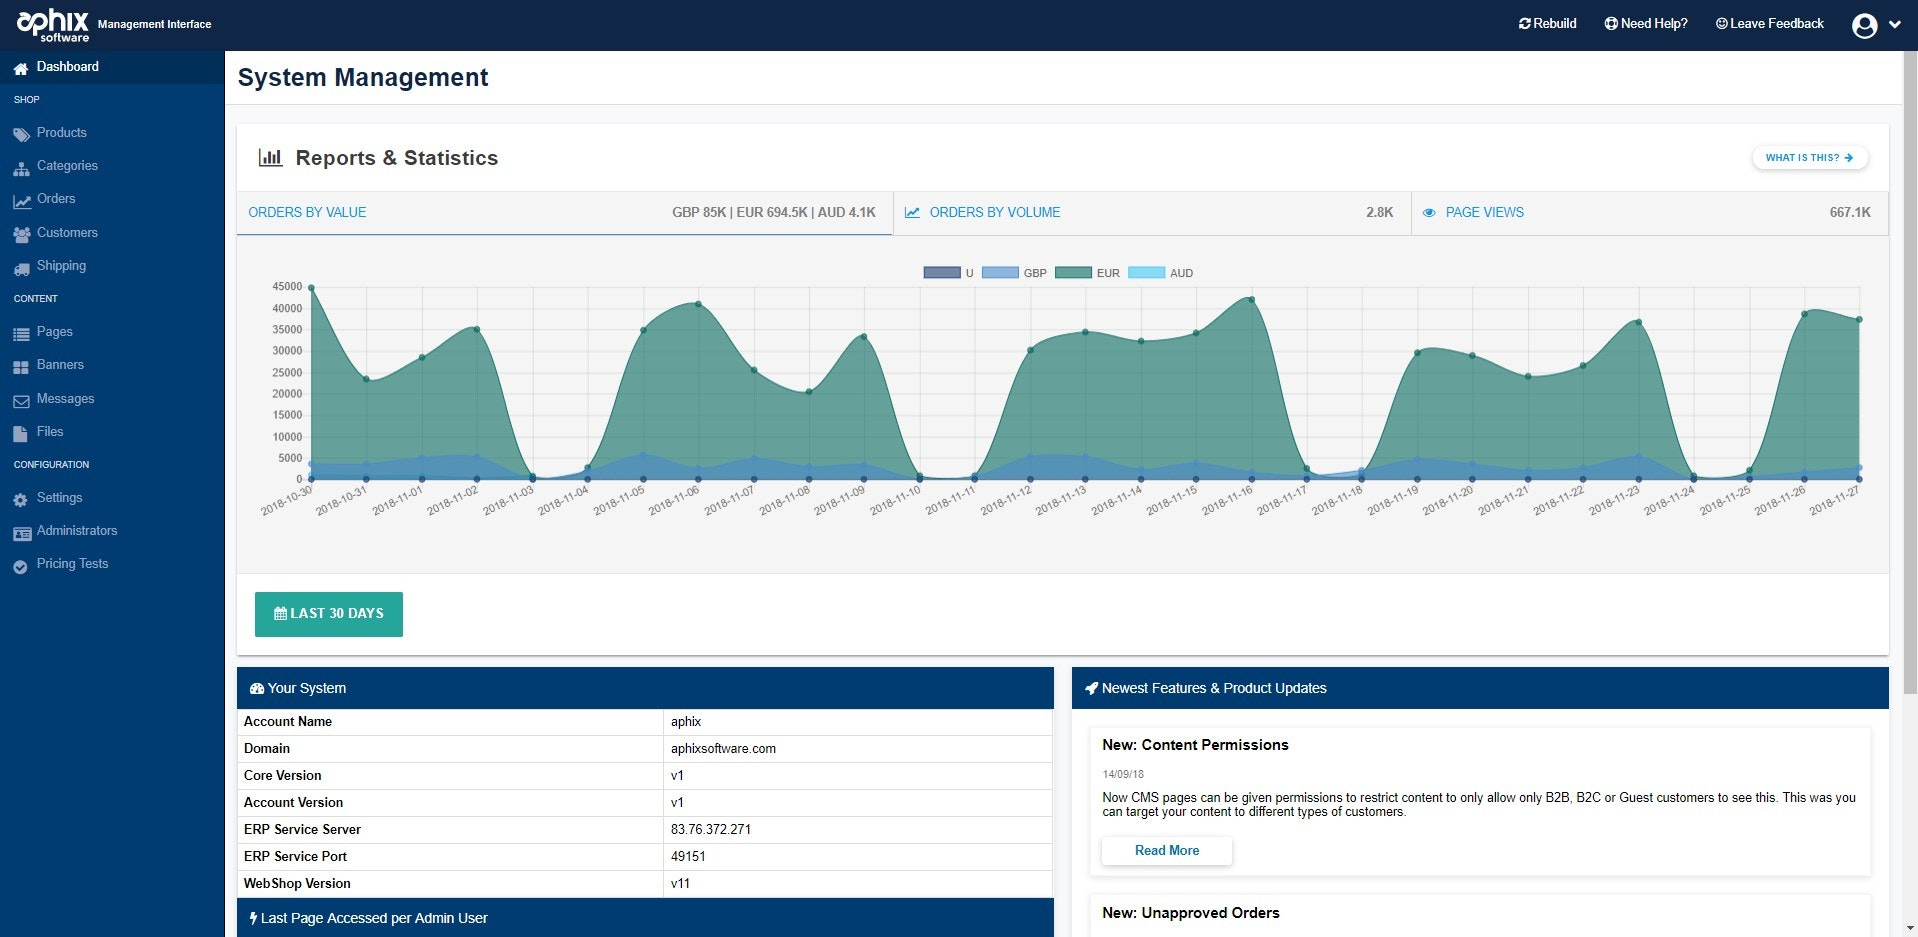 Webshop management interface